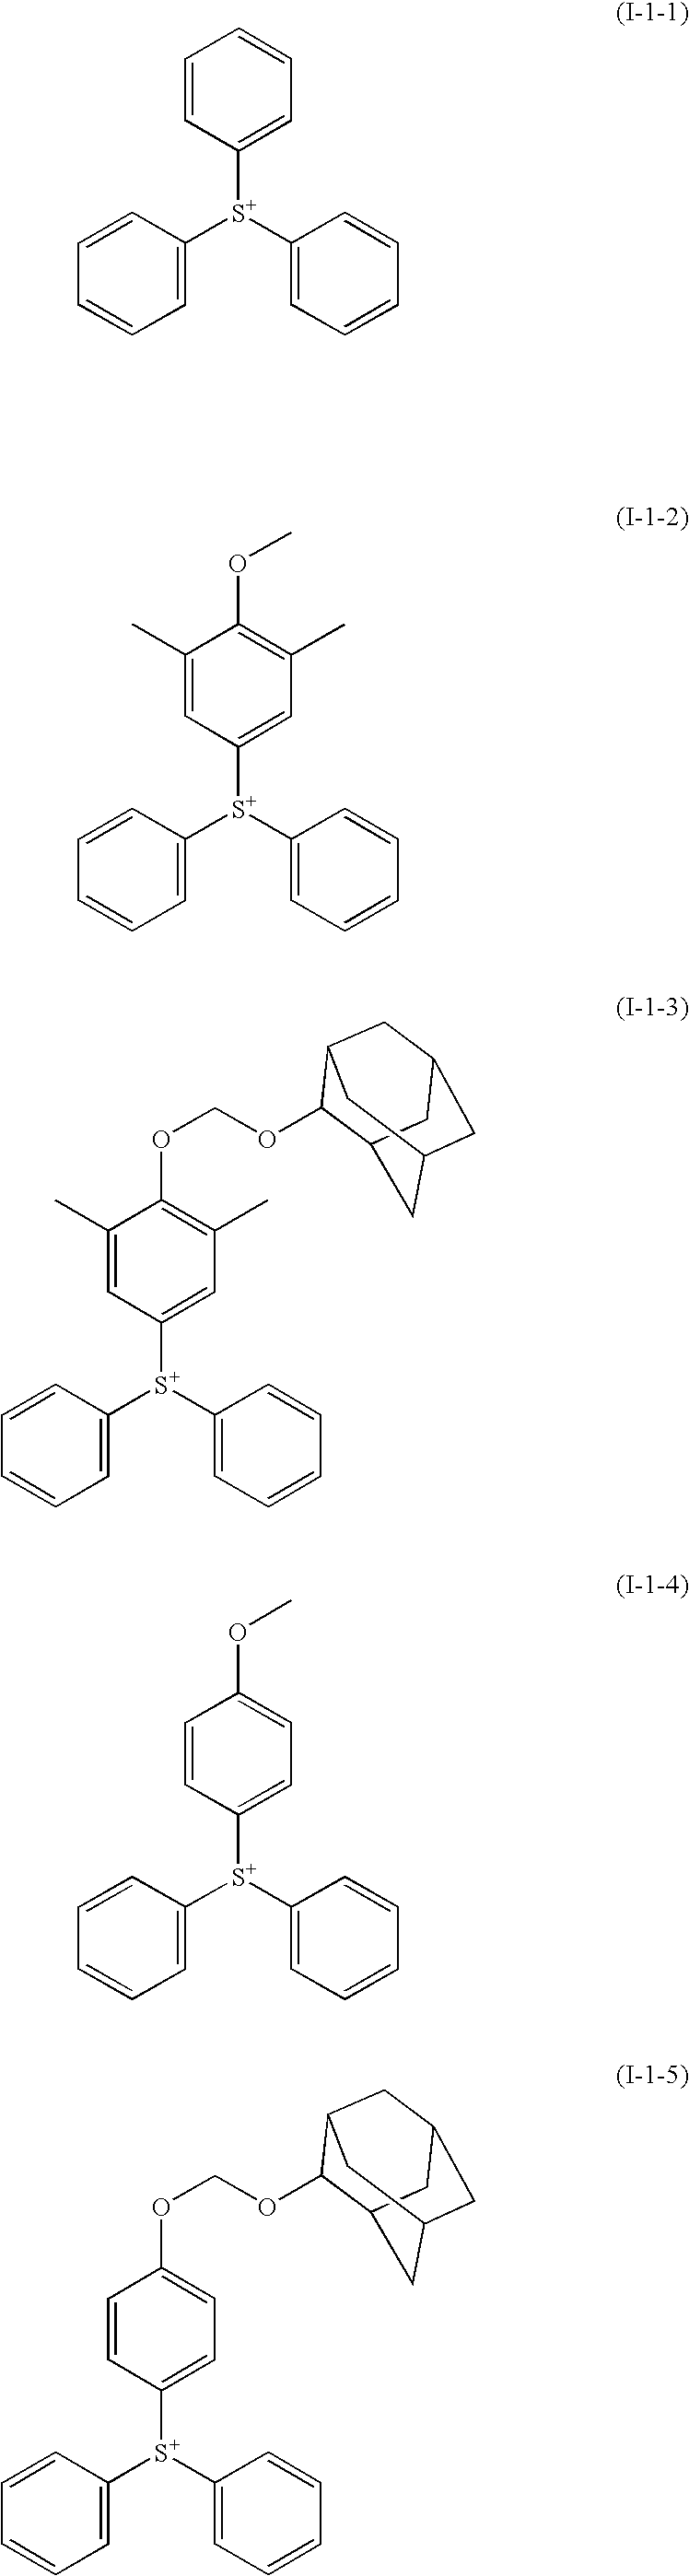 Figure US20100136480A1-20100603-C00079